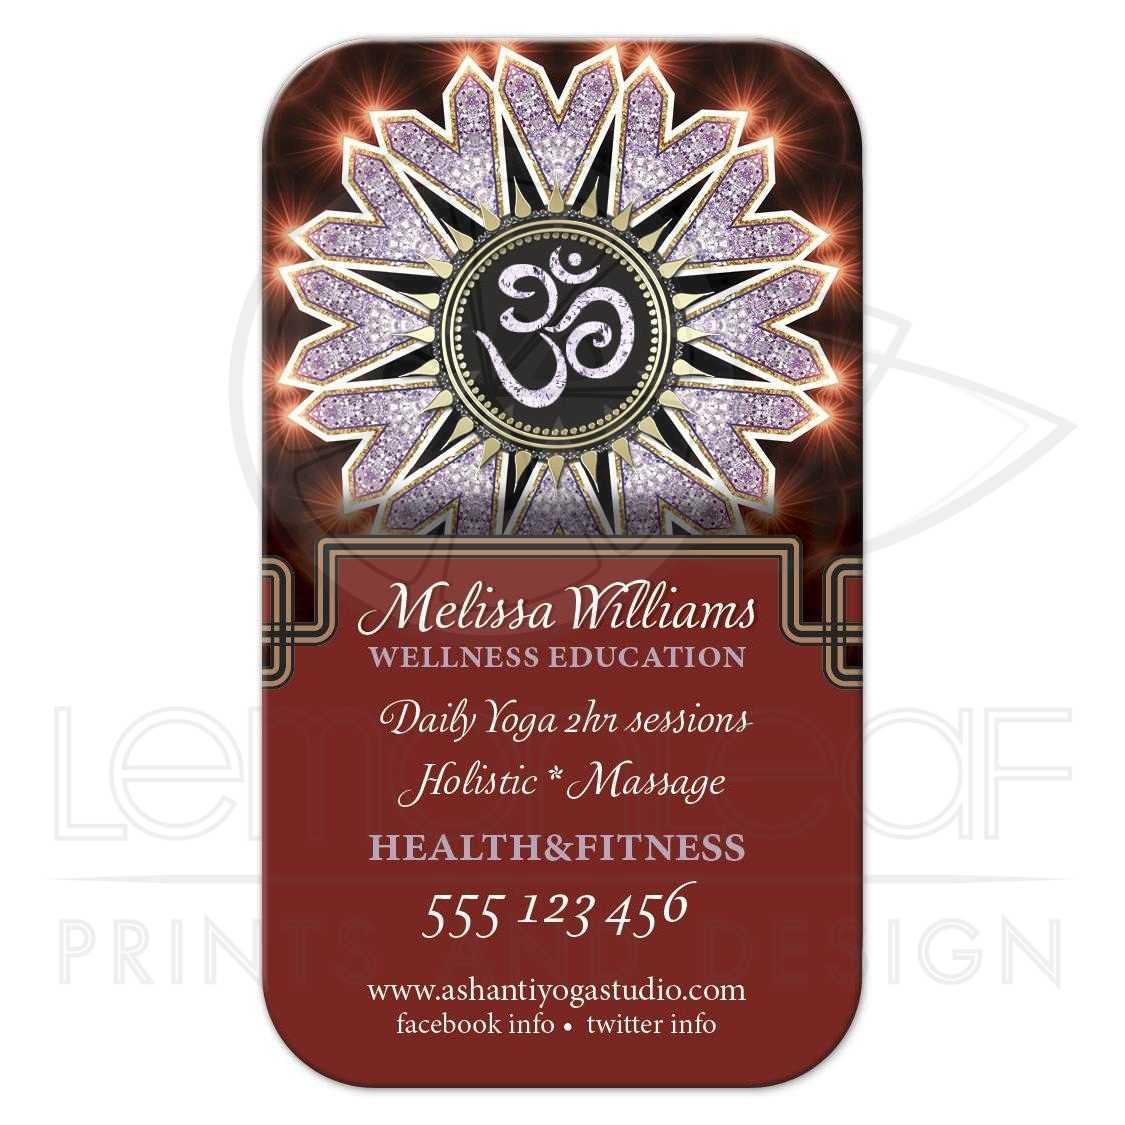 Sparkle OM Yoga Business Card